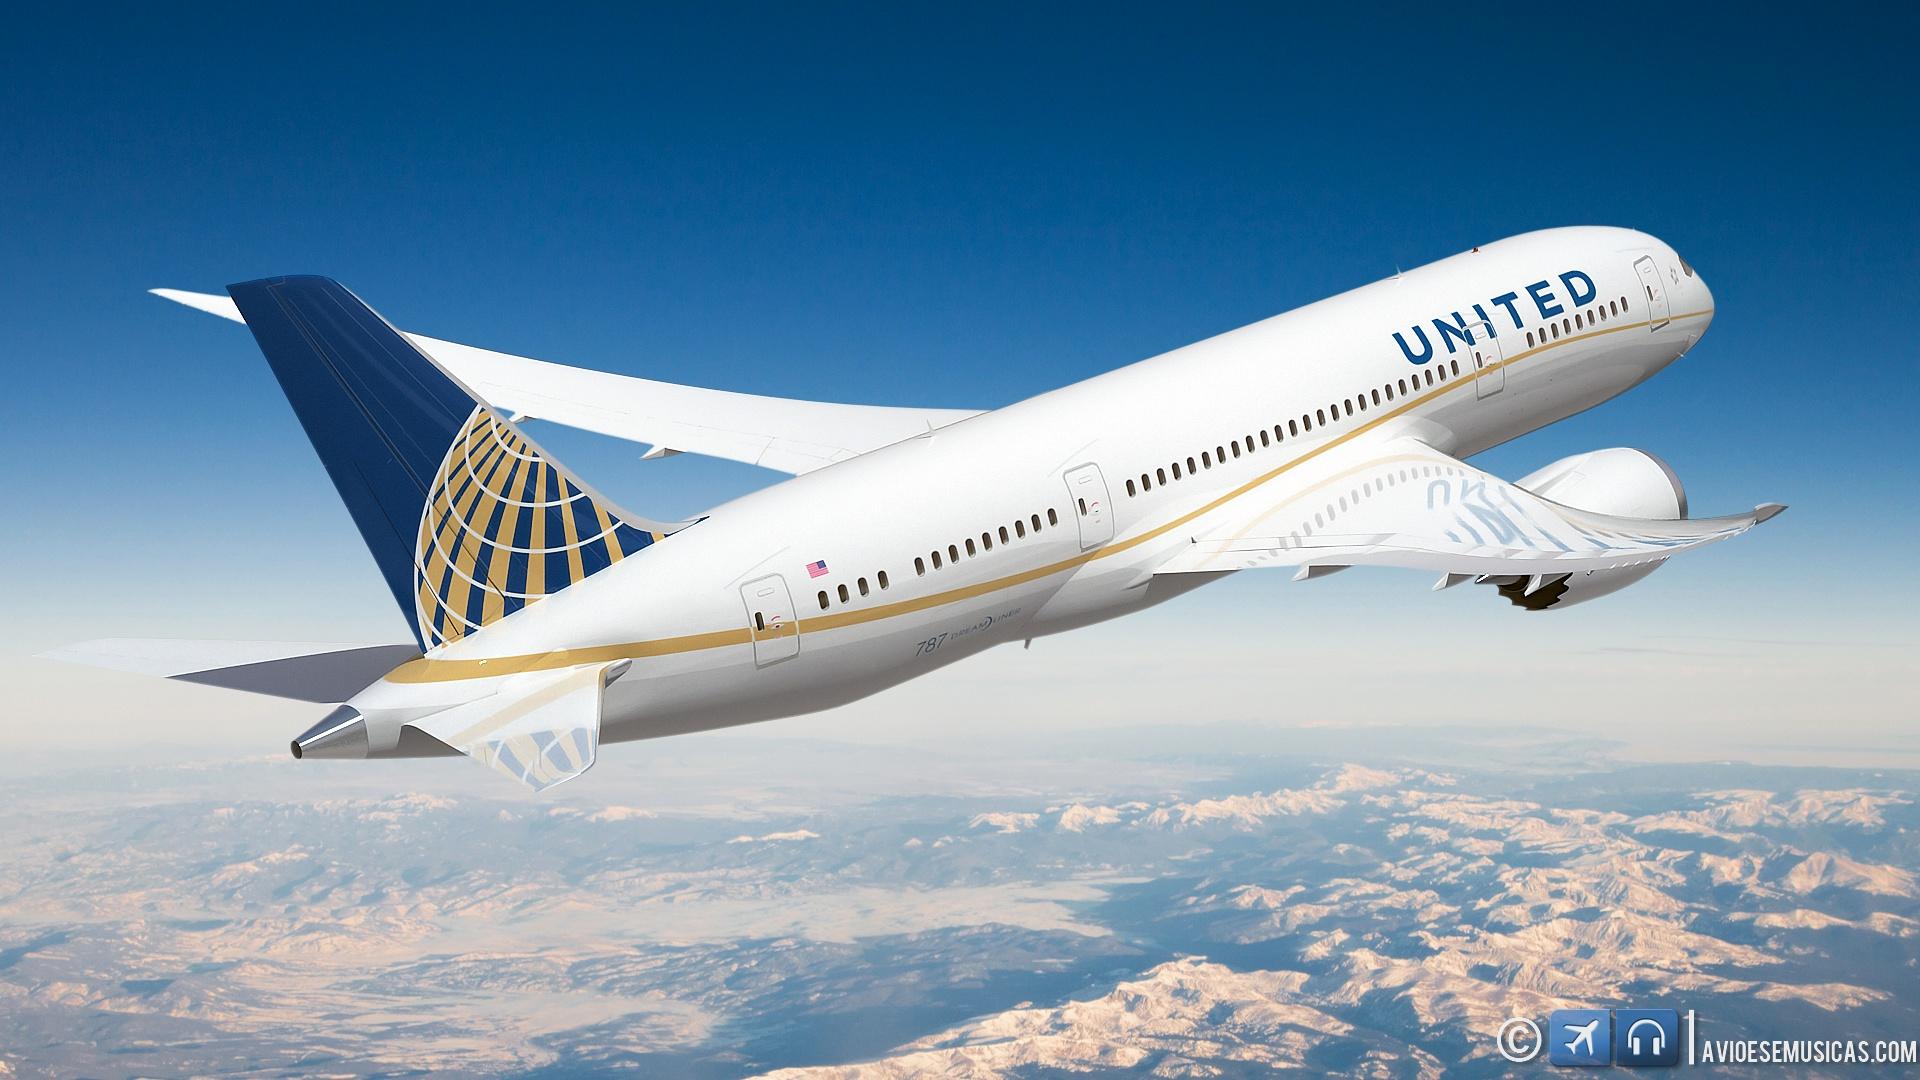 Wallpapre do Dreamliner 787 United